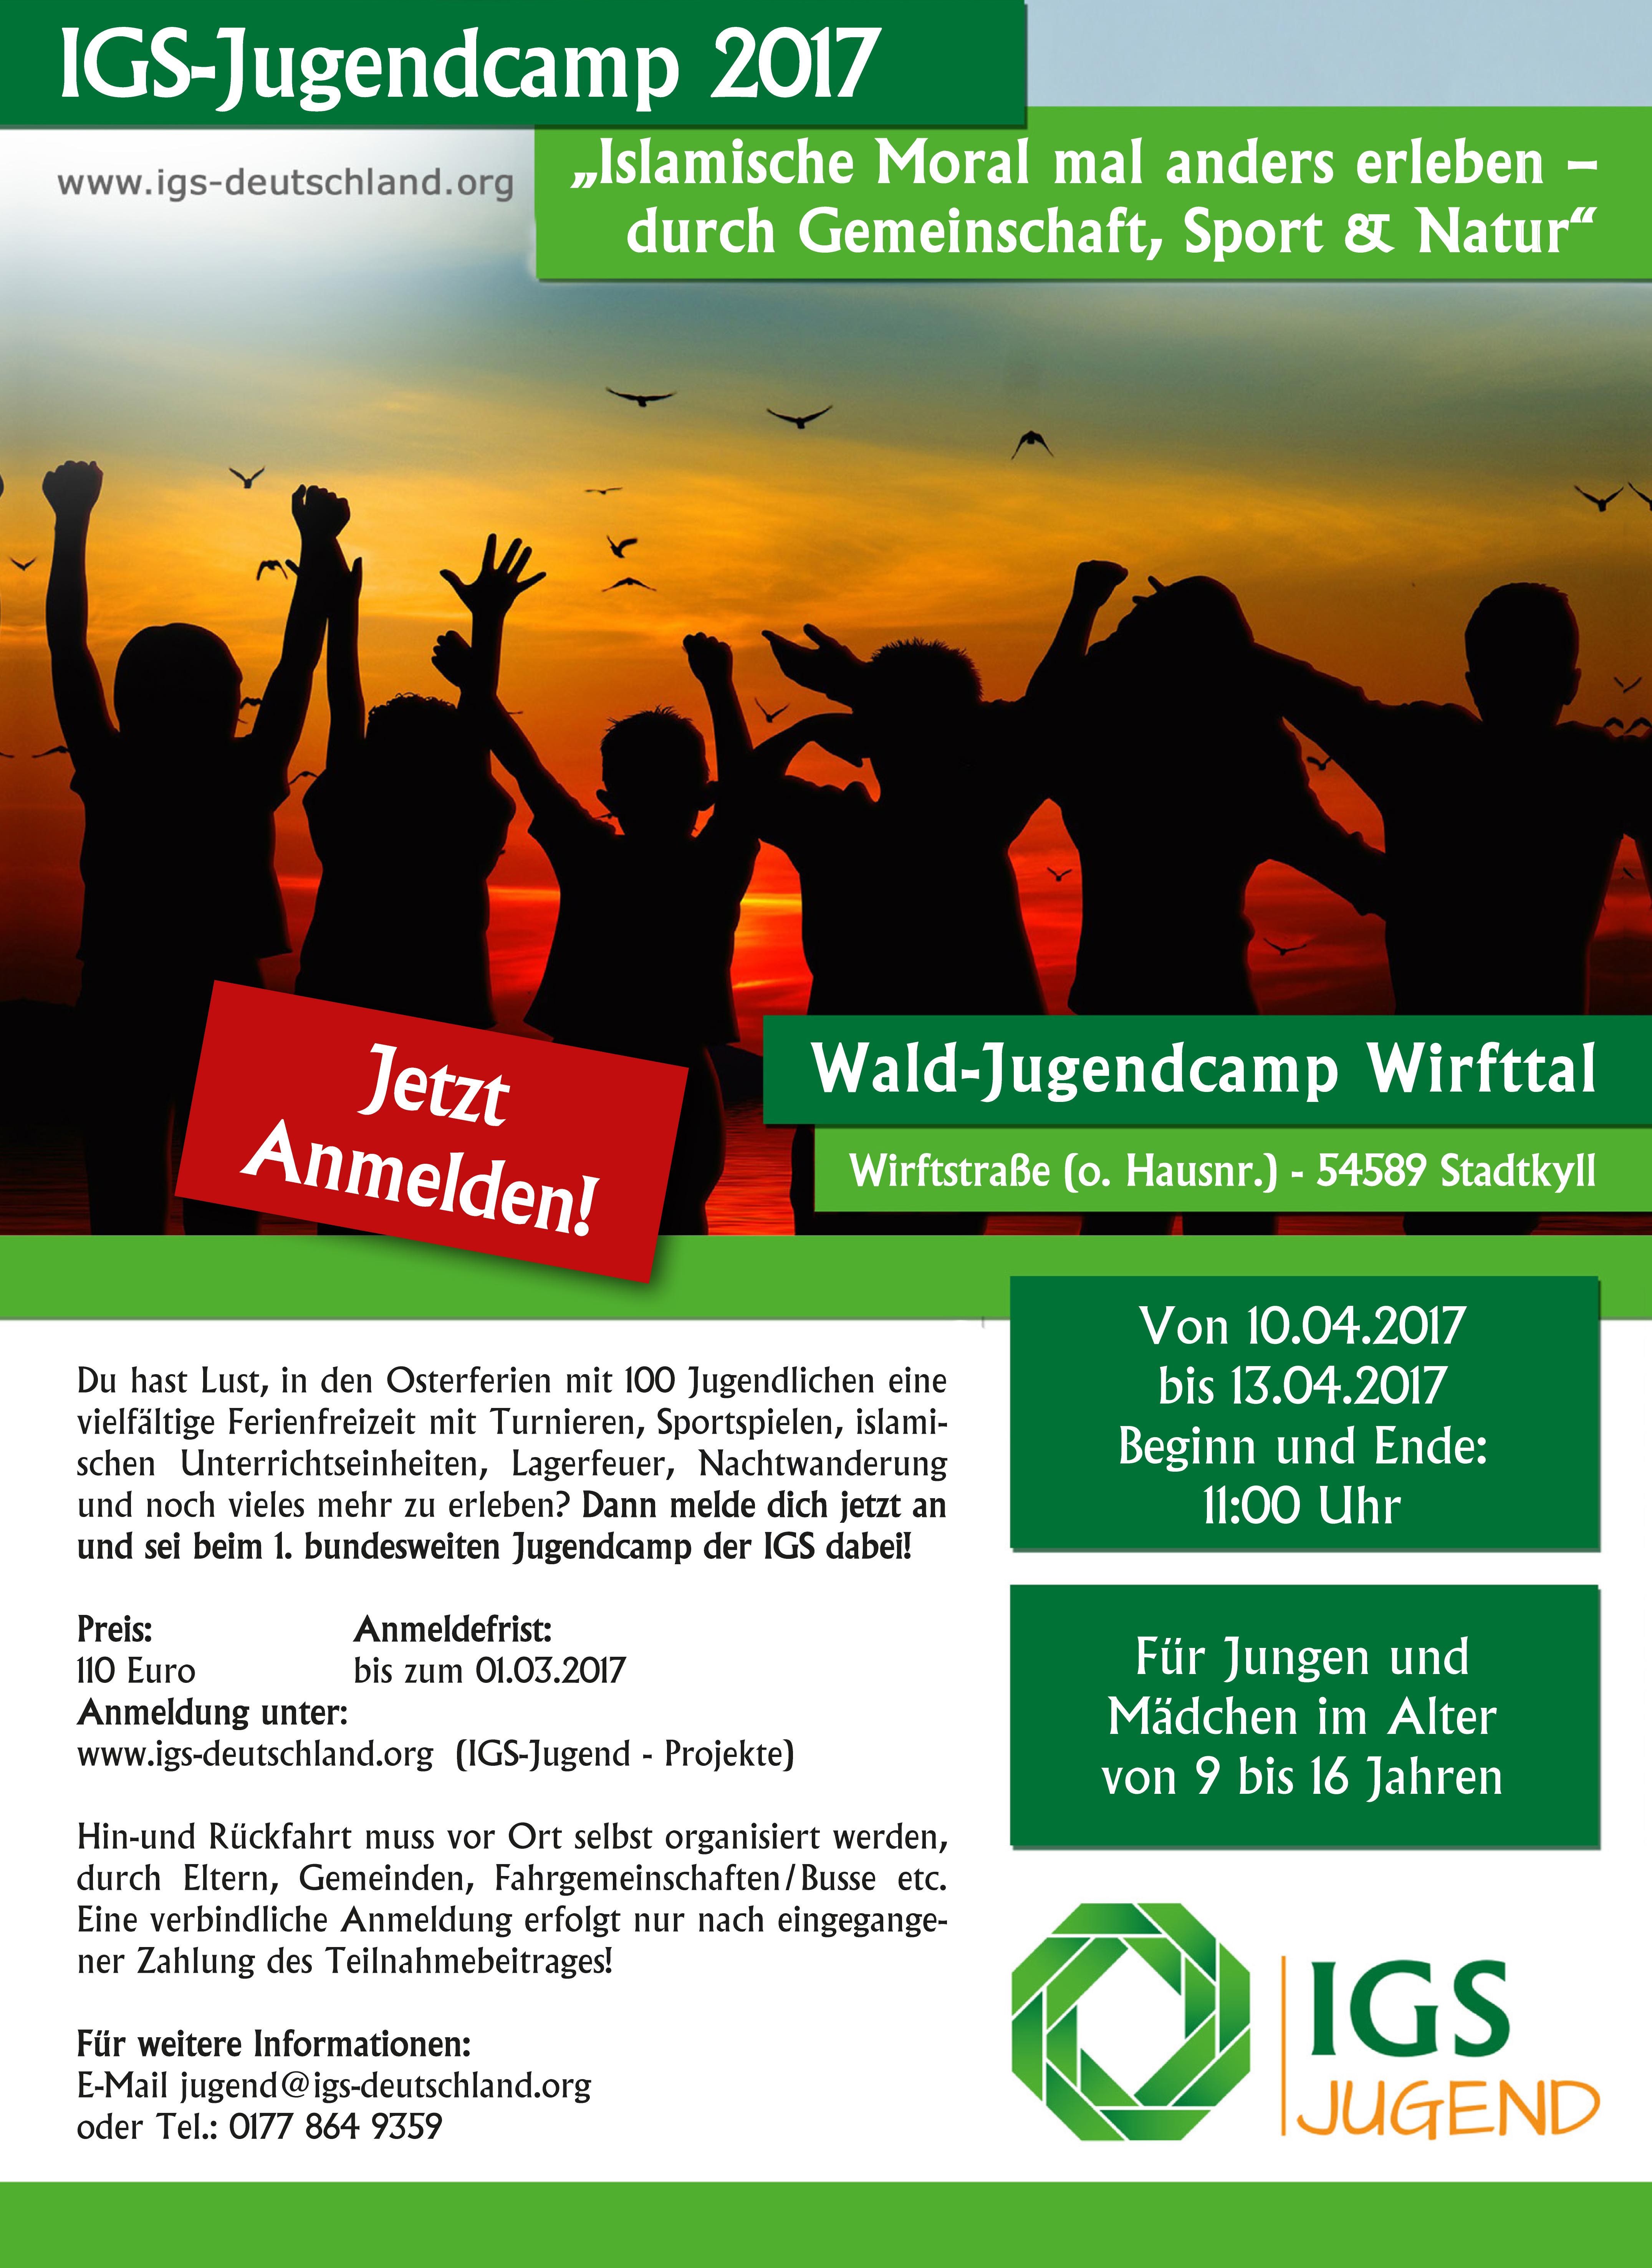 Flyer_Jugendcamp_2017_IGS_JUGEND_Anmeldung